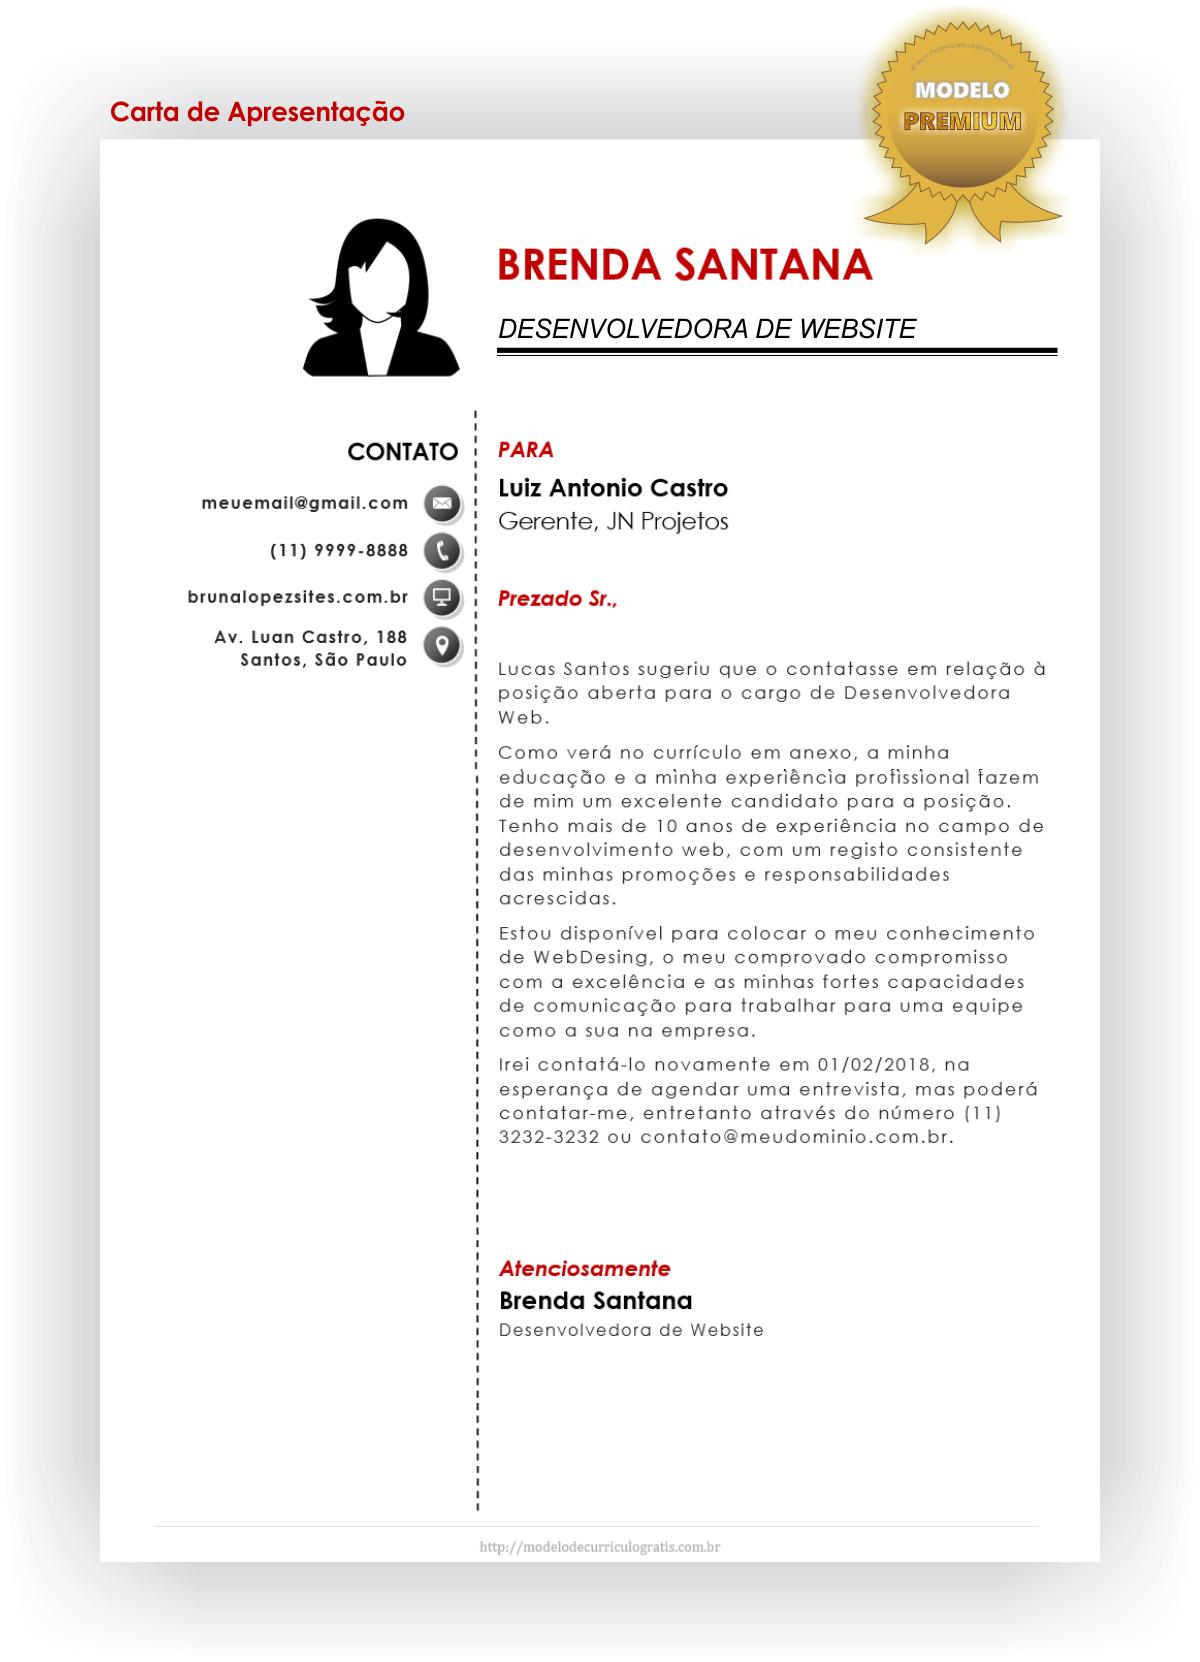 Modelo De Curriculo Pronto Moderno Senai Formato Doc Modelo De